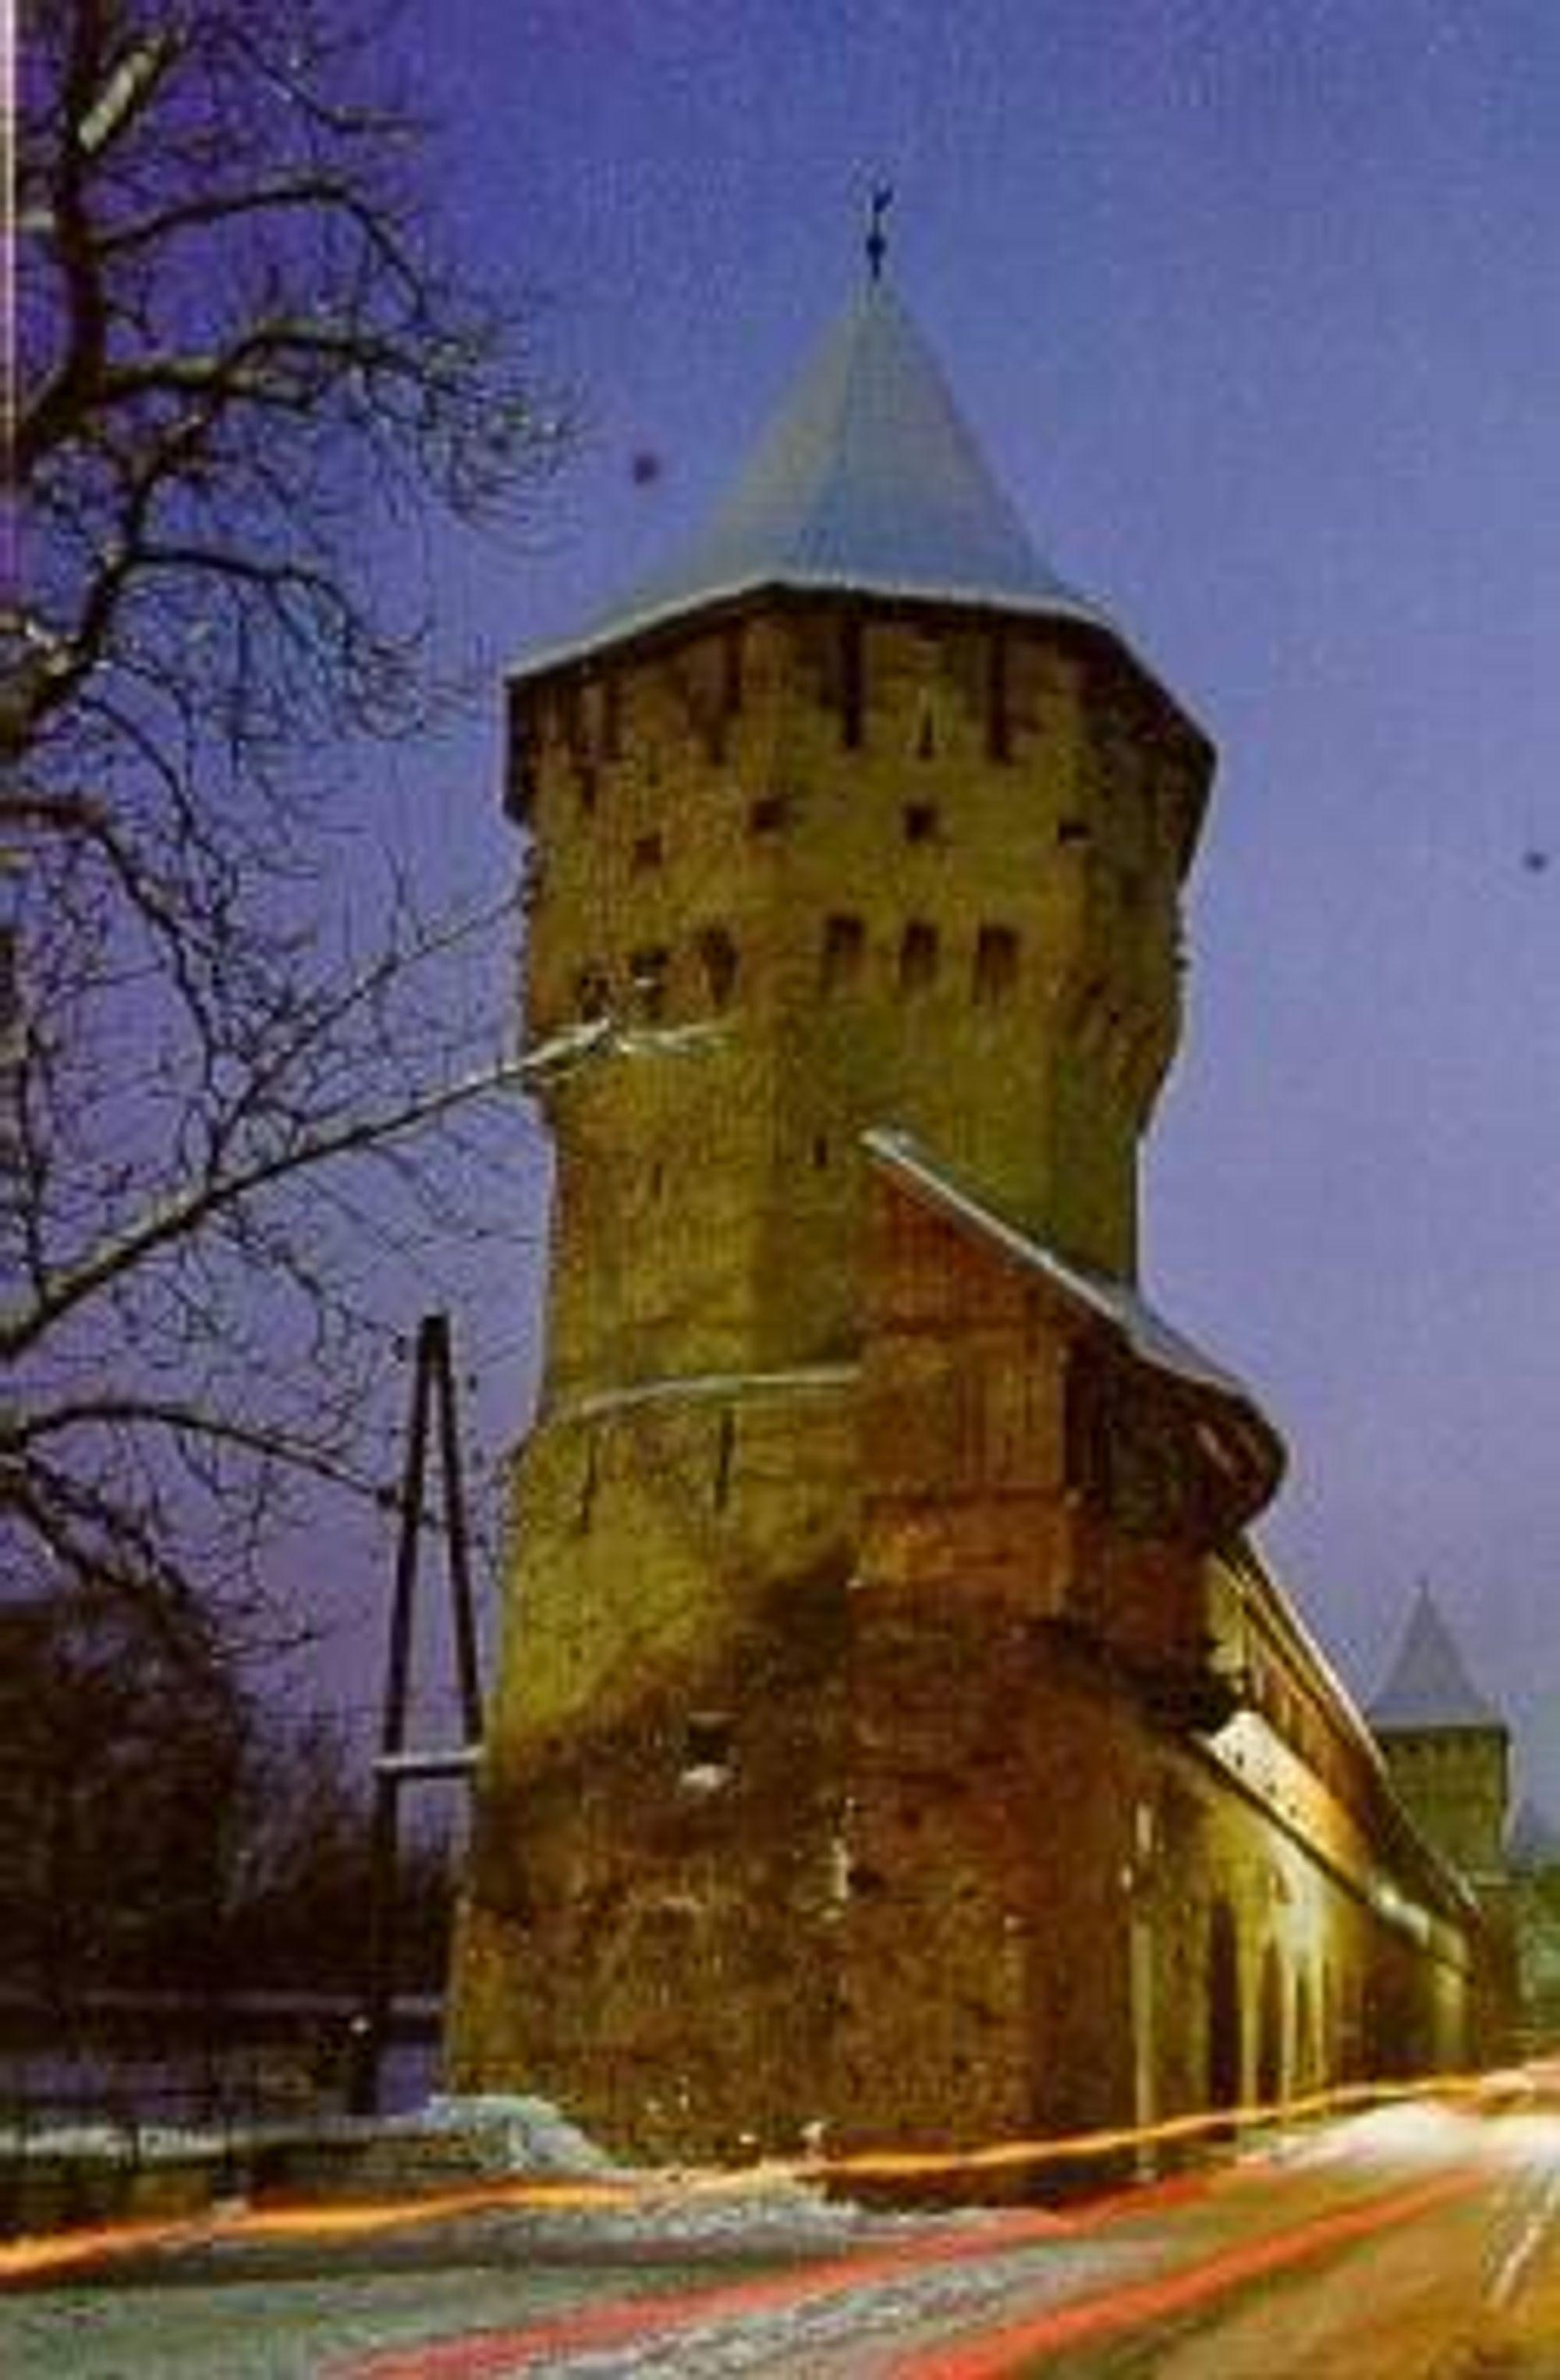 Sibiu er en middelalderby i Transilvania, Romania, nå også kjent som hjembyen til en gjeng kyberterrorister.